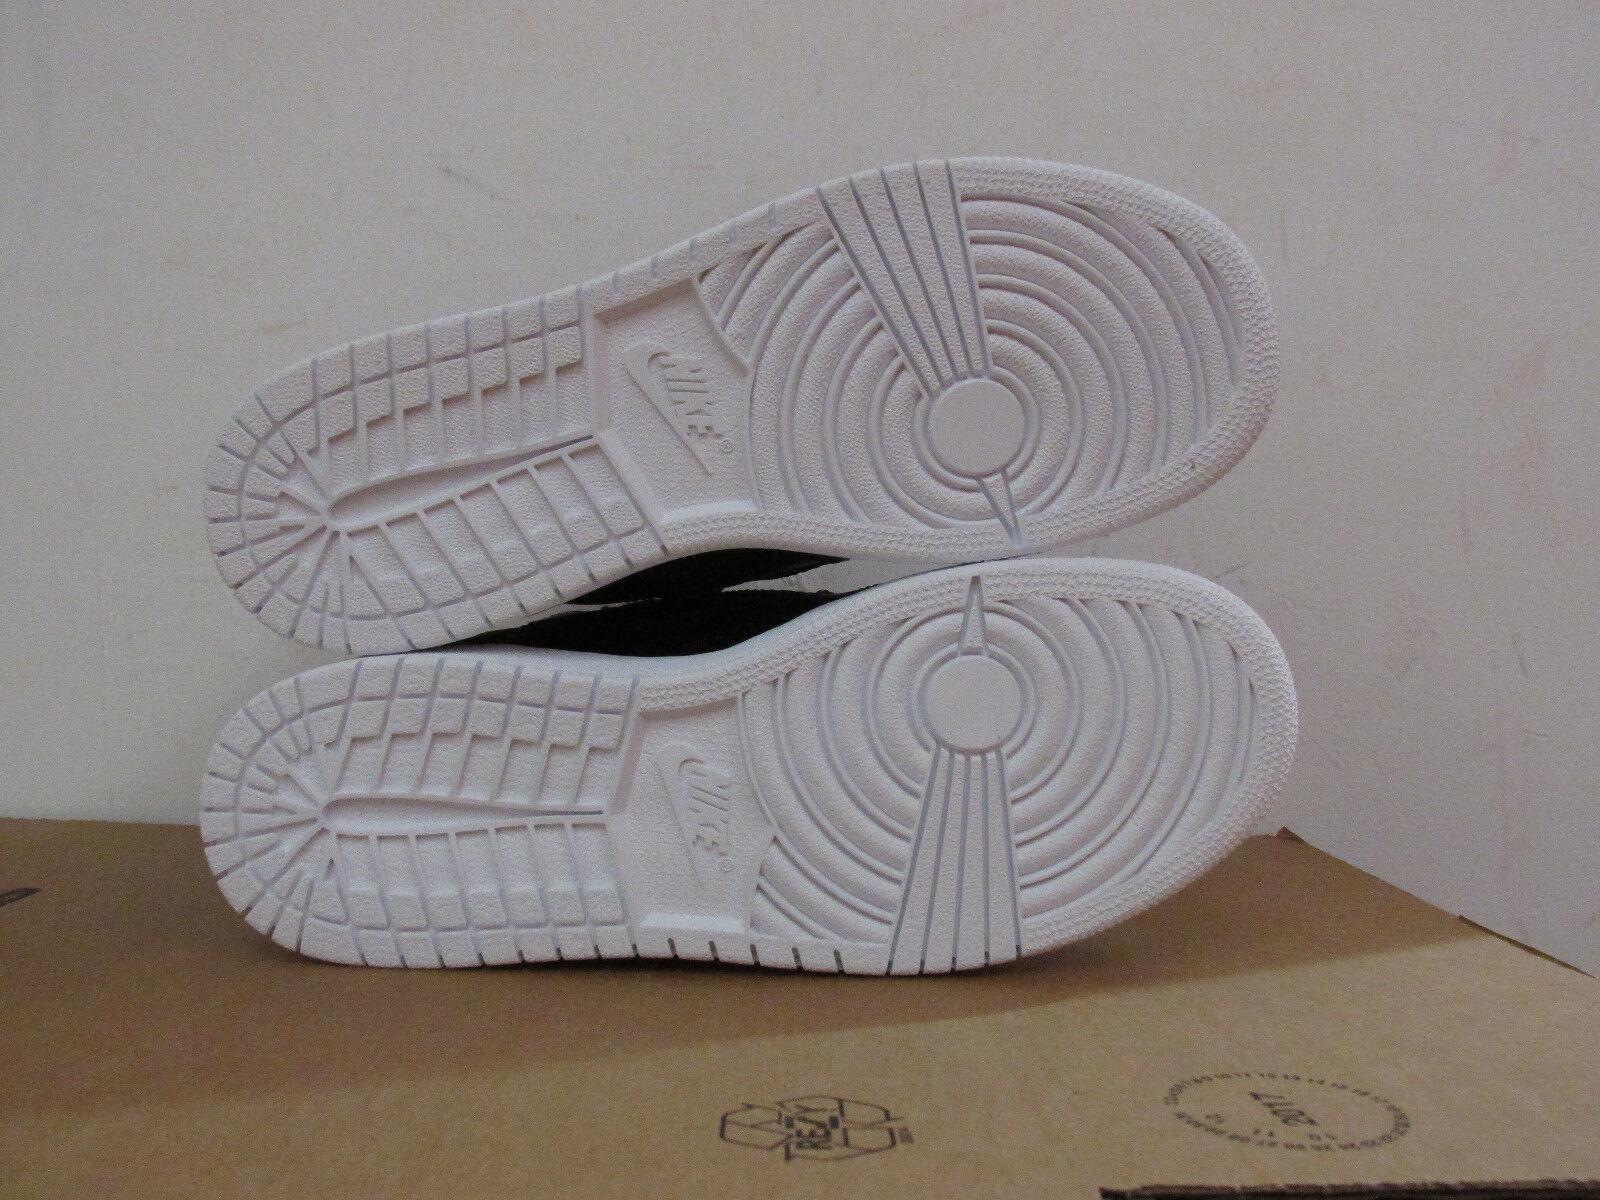 Nike Air Jordan 1 Retro Hoch Og Bg 575441 006 Ausverkauf Basketball Turnschuhe Ausverkauf 006 33a0c4